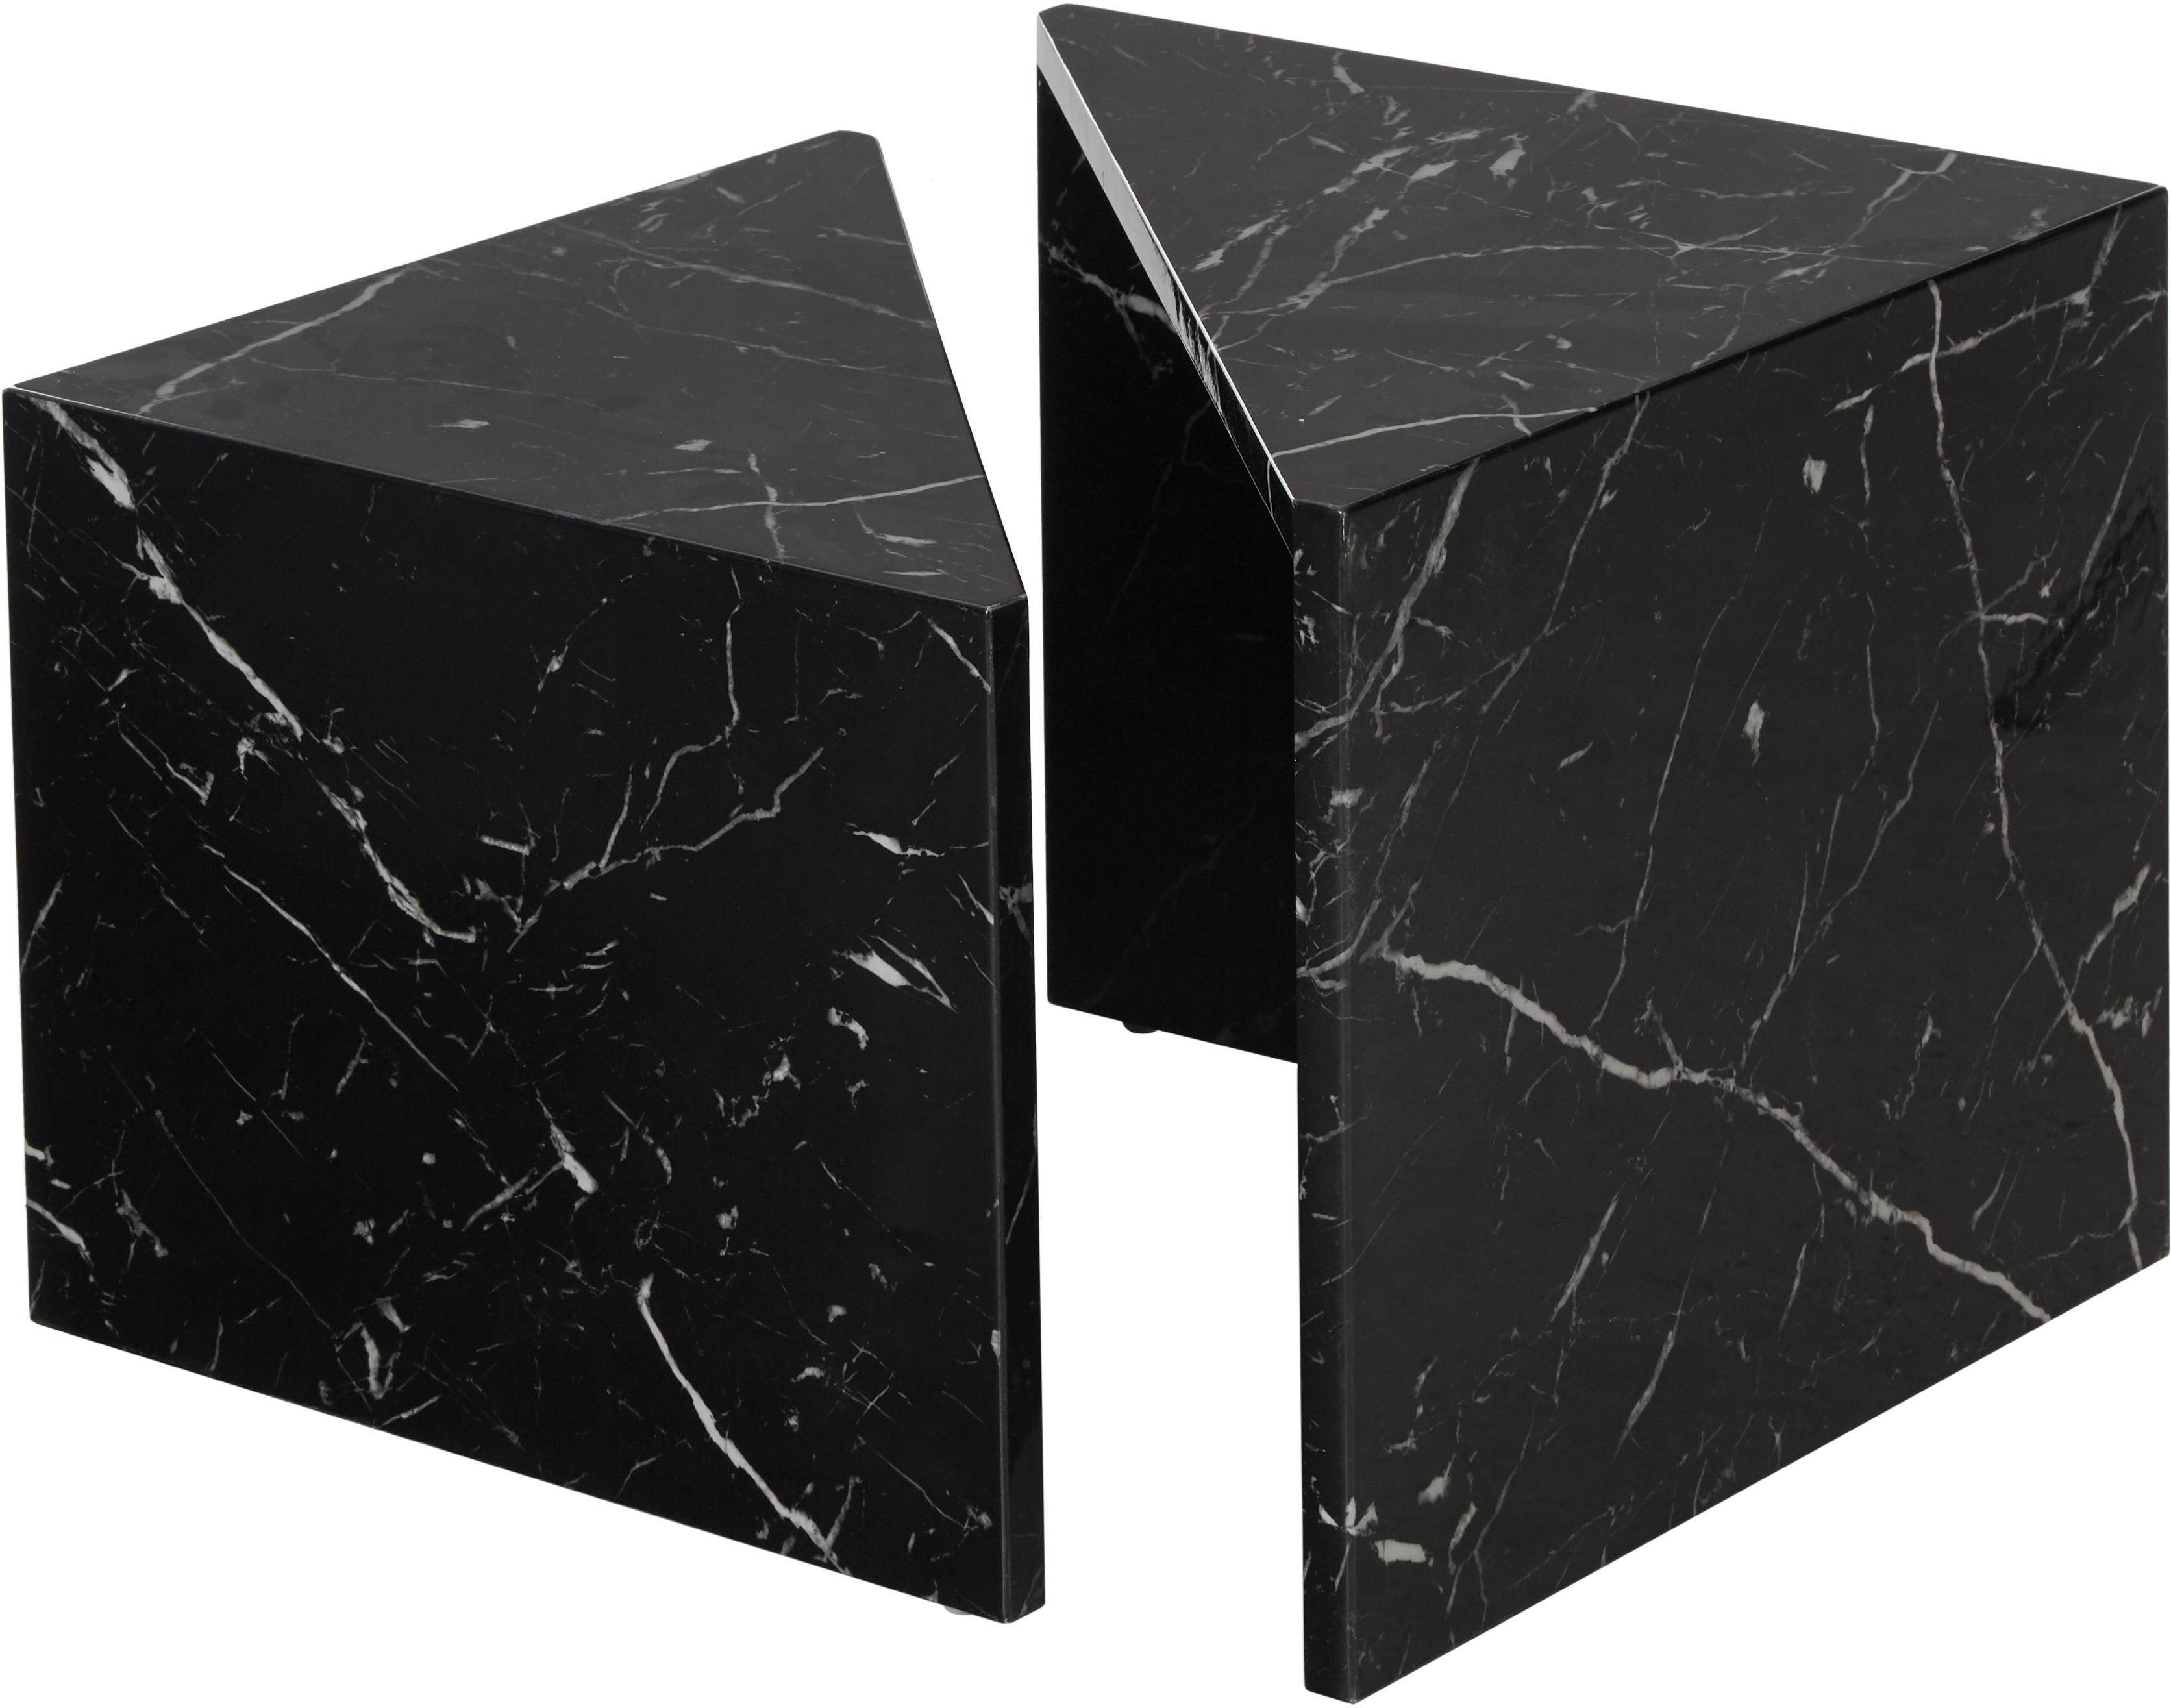 Couchtisch 2er-Set Vilma in Marmor-Optik, Mitteldichte Holzfaserplatte (MDF), mit lackbeschichtetem Papier in Marmoroptik überzogen, Schwarz, marmoriert, glänzend, Sondergrößen